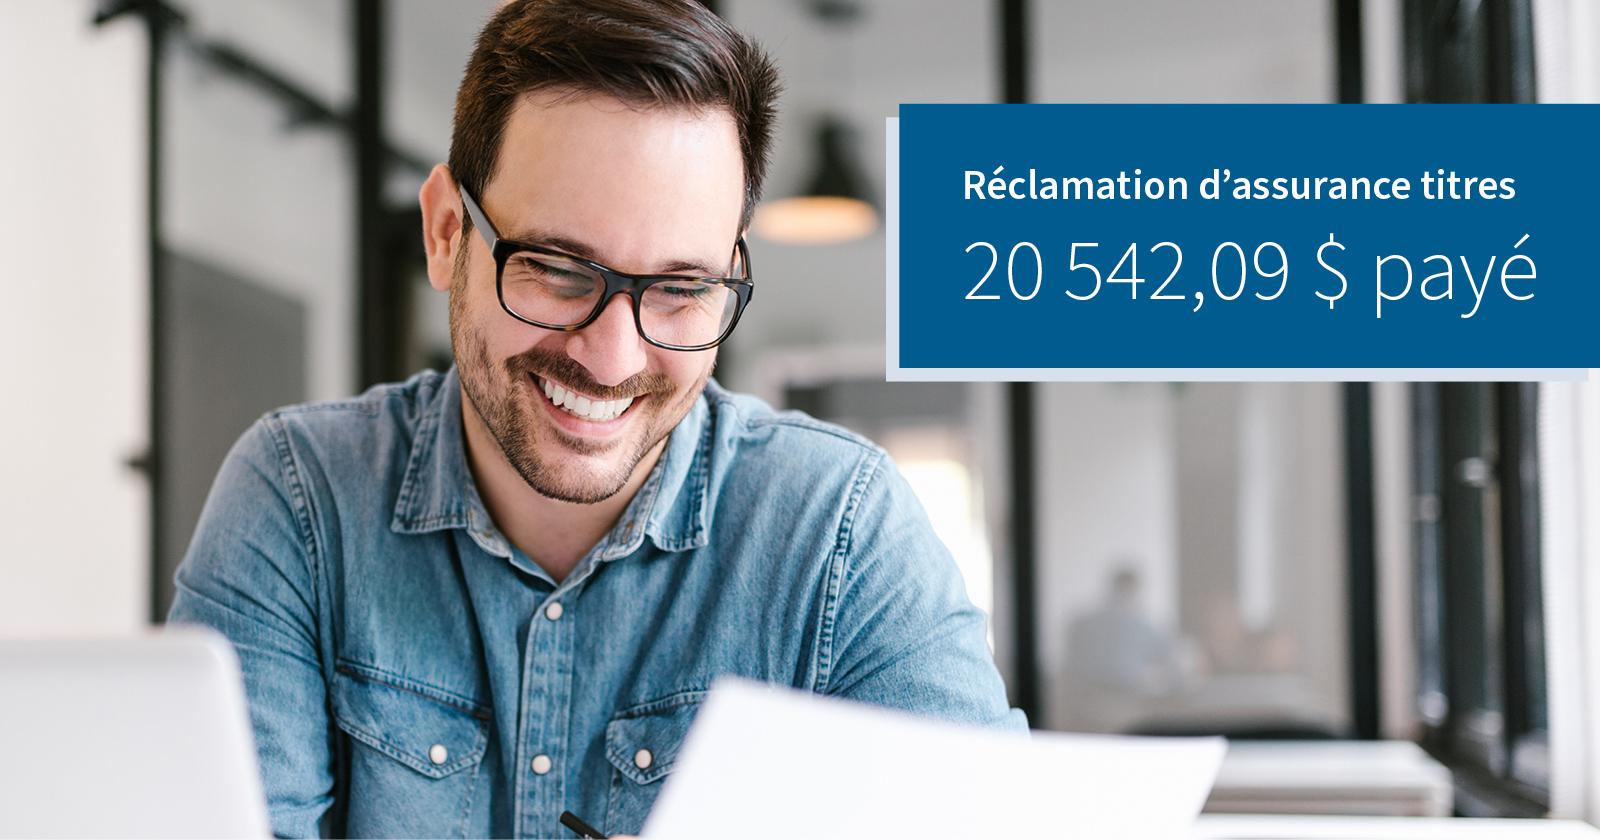 Réclamation d'assurance titres, $20,542.09 paid.